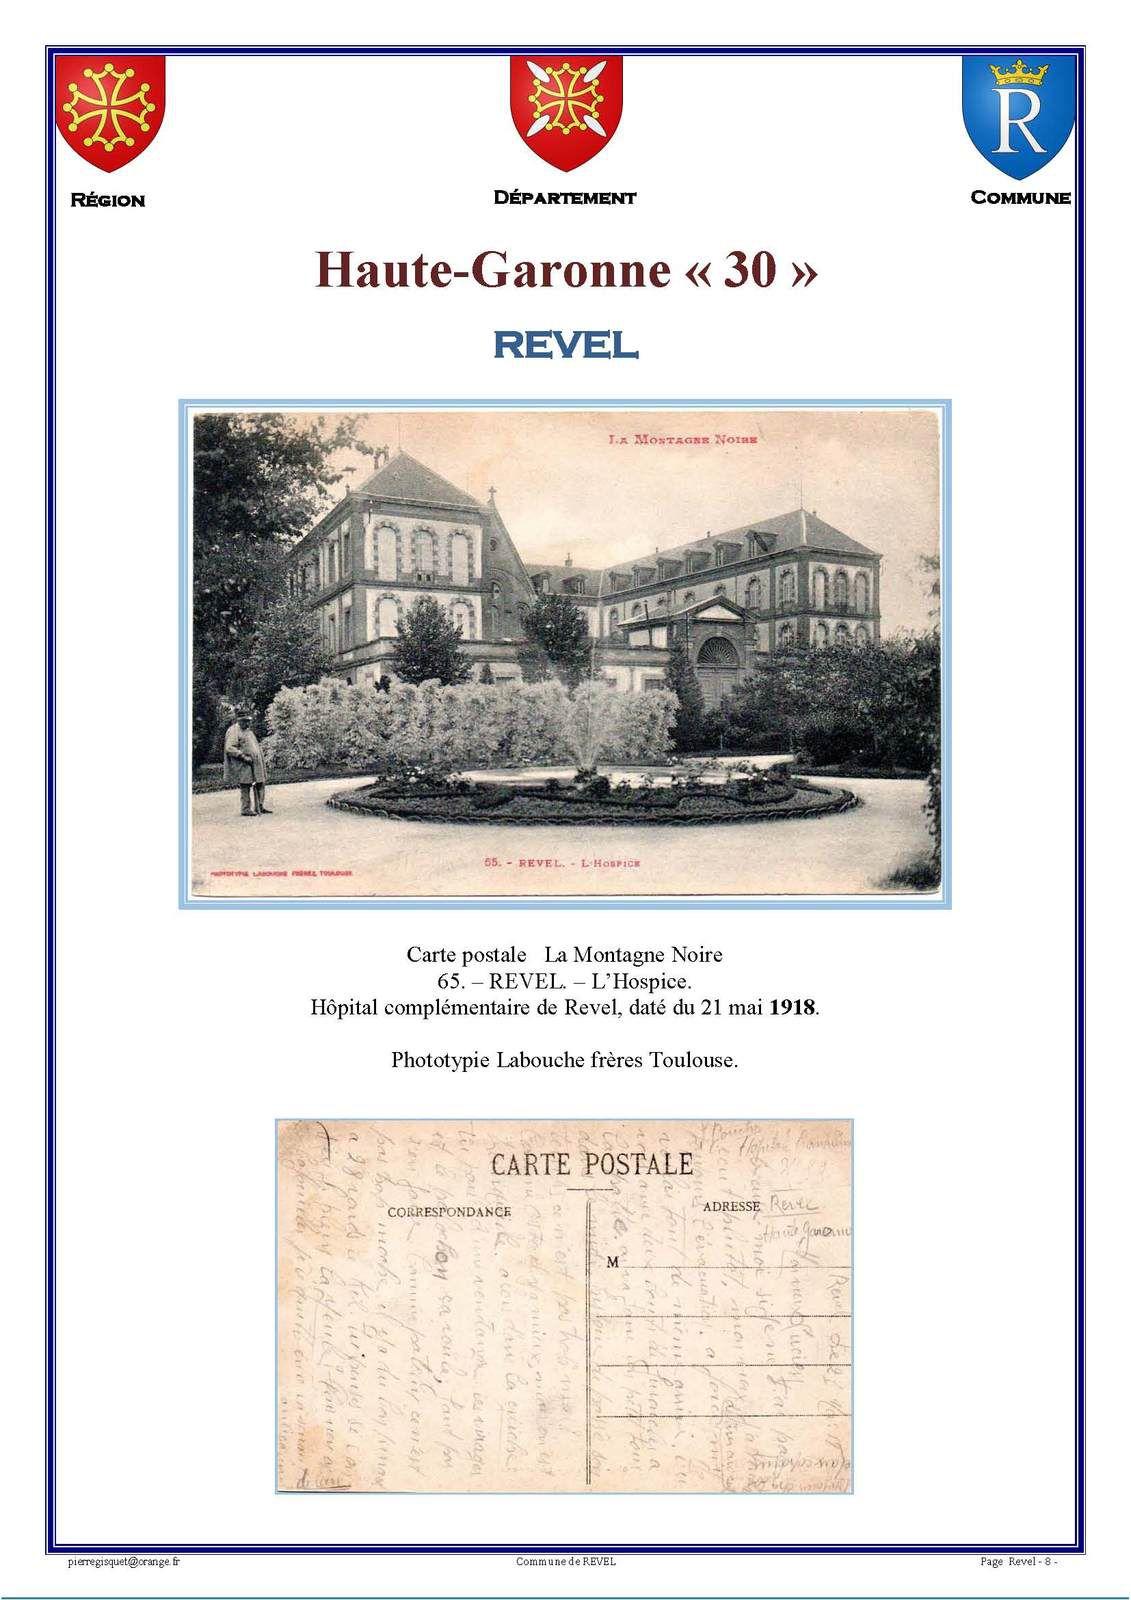 Marcophilie     la ville de Revel   Haute-Garonne